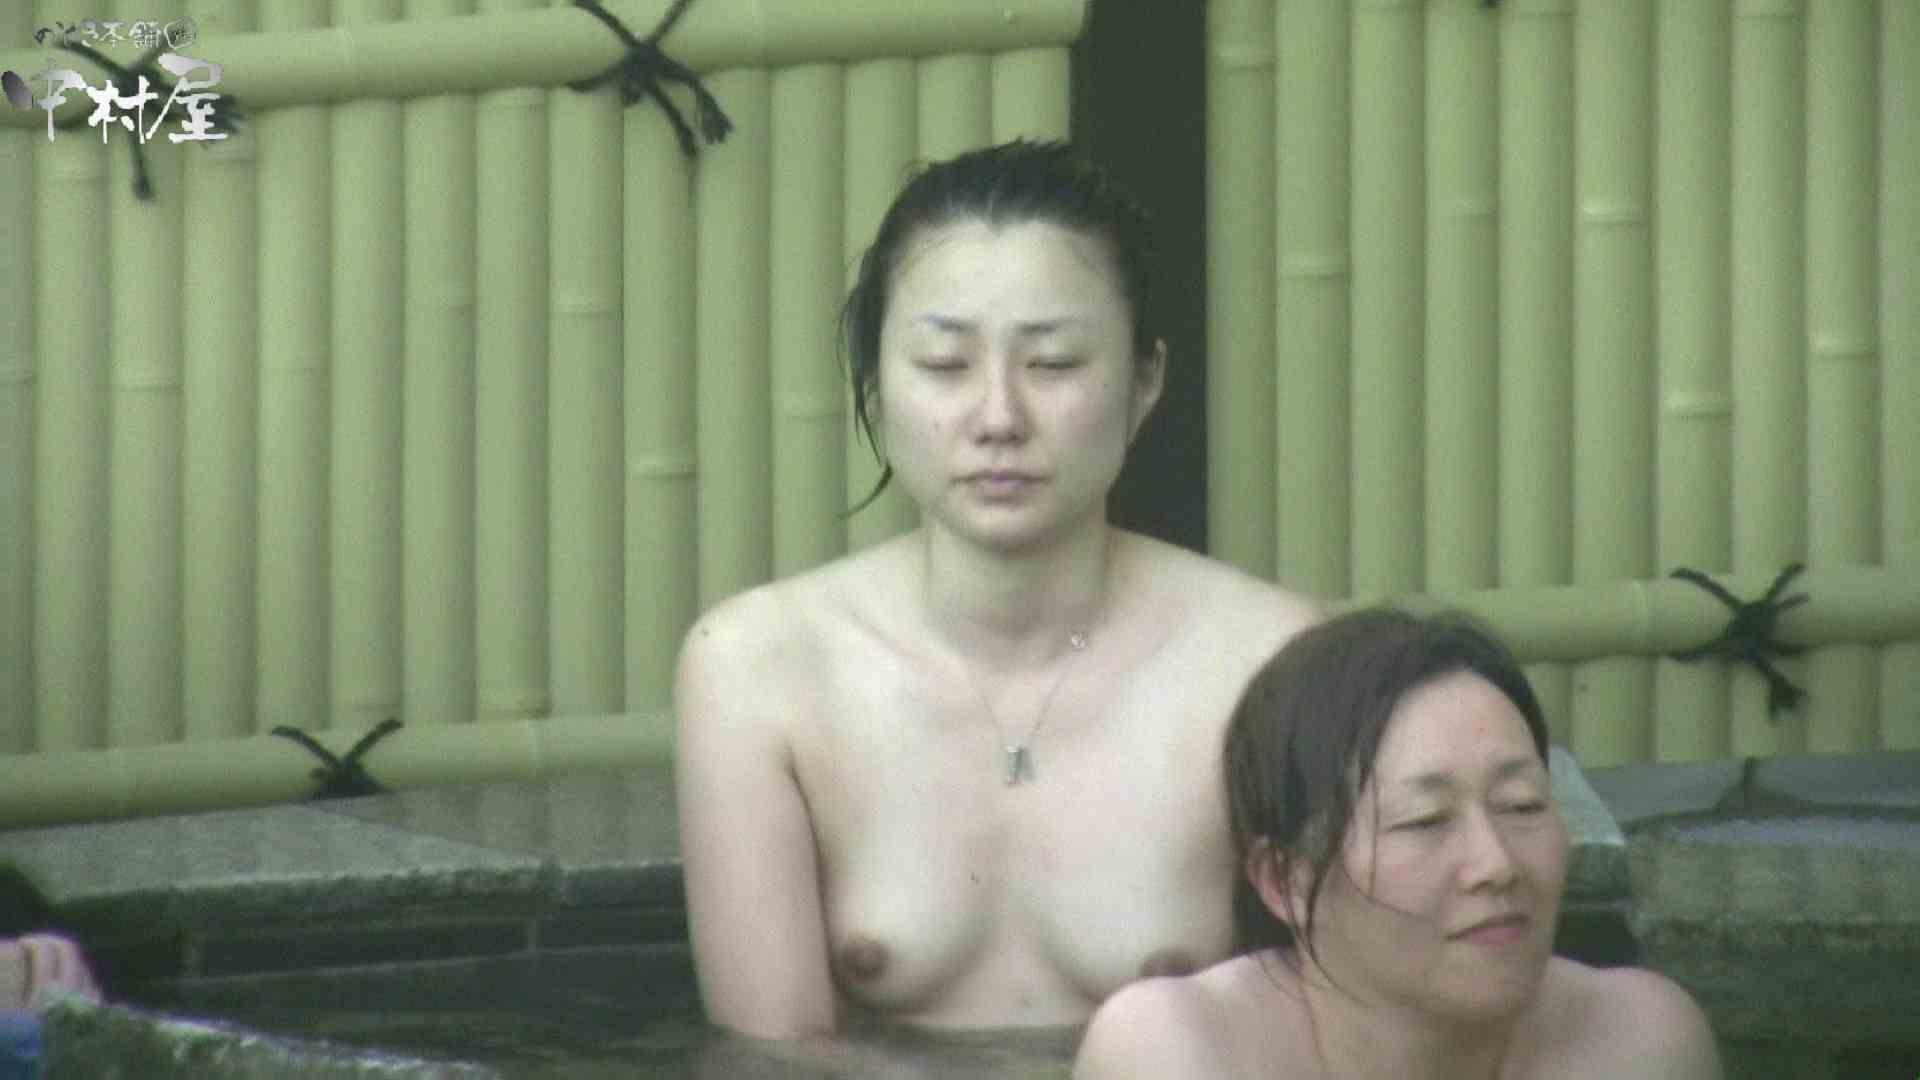 Aquaな露天風呂Vol.969 盗撮   OLのエロ生活  86連発 25